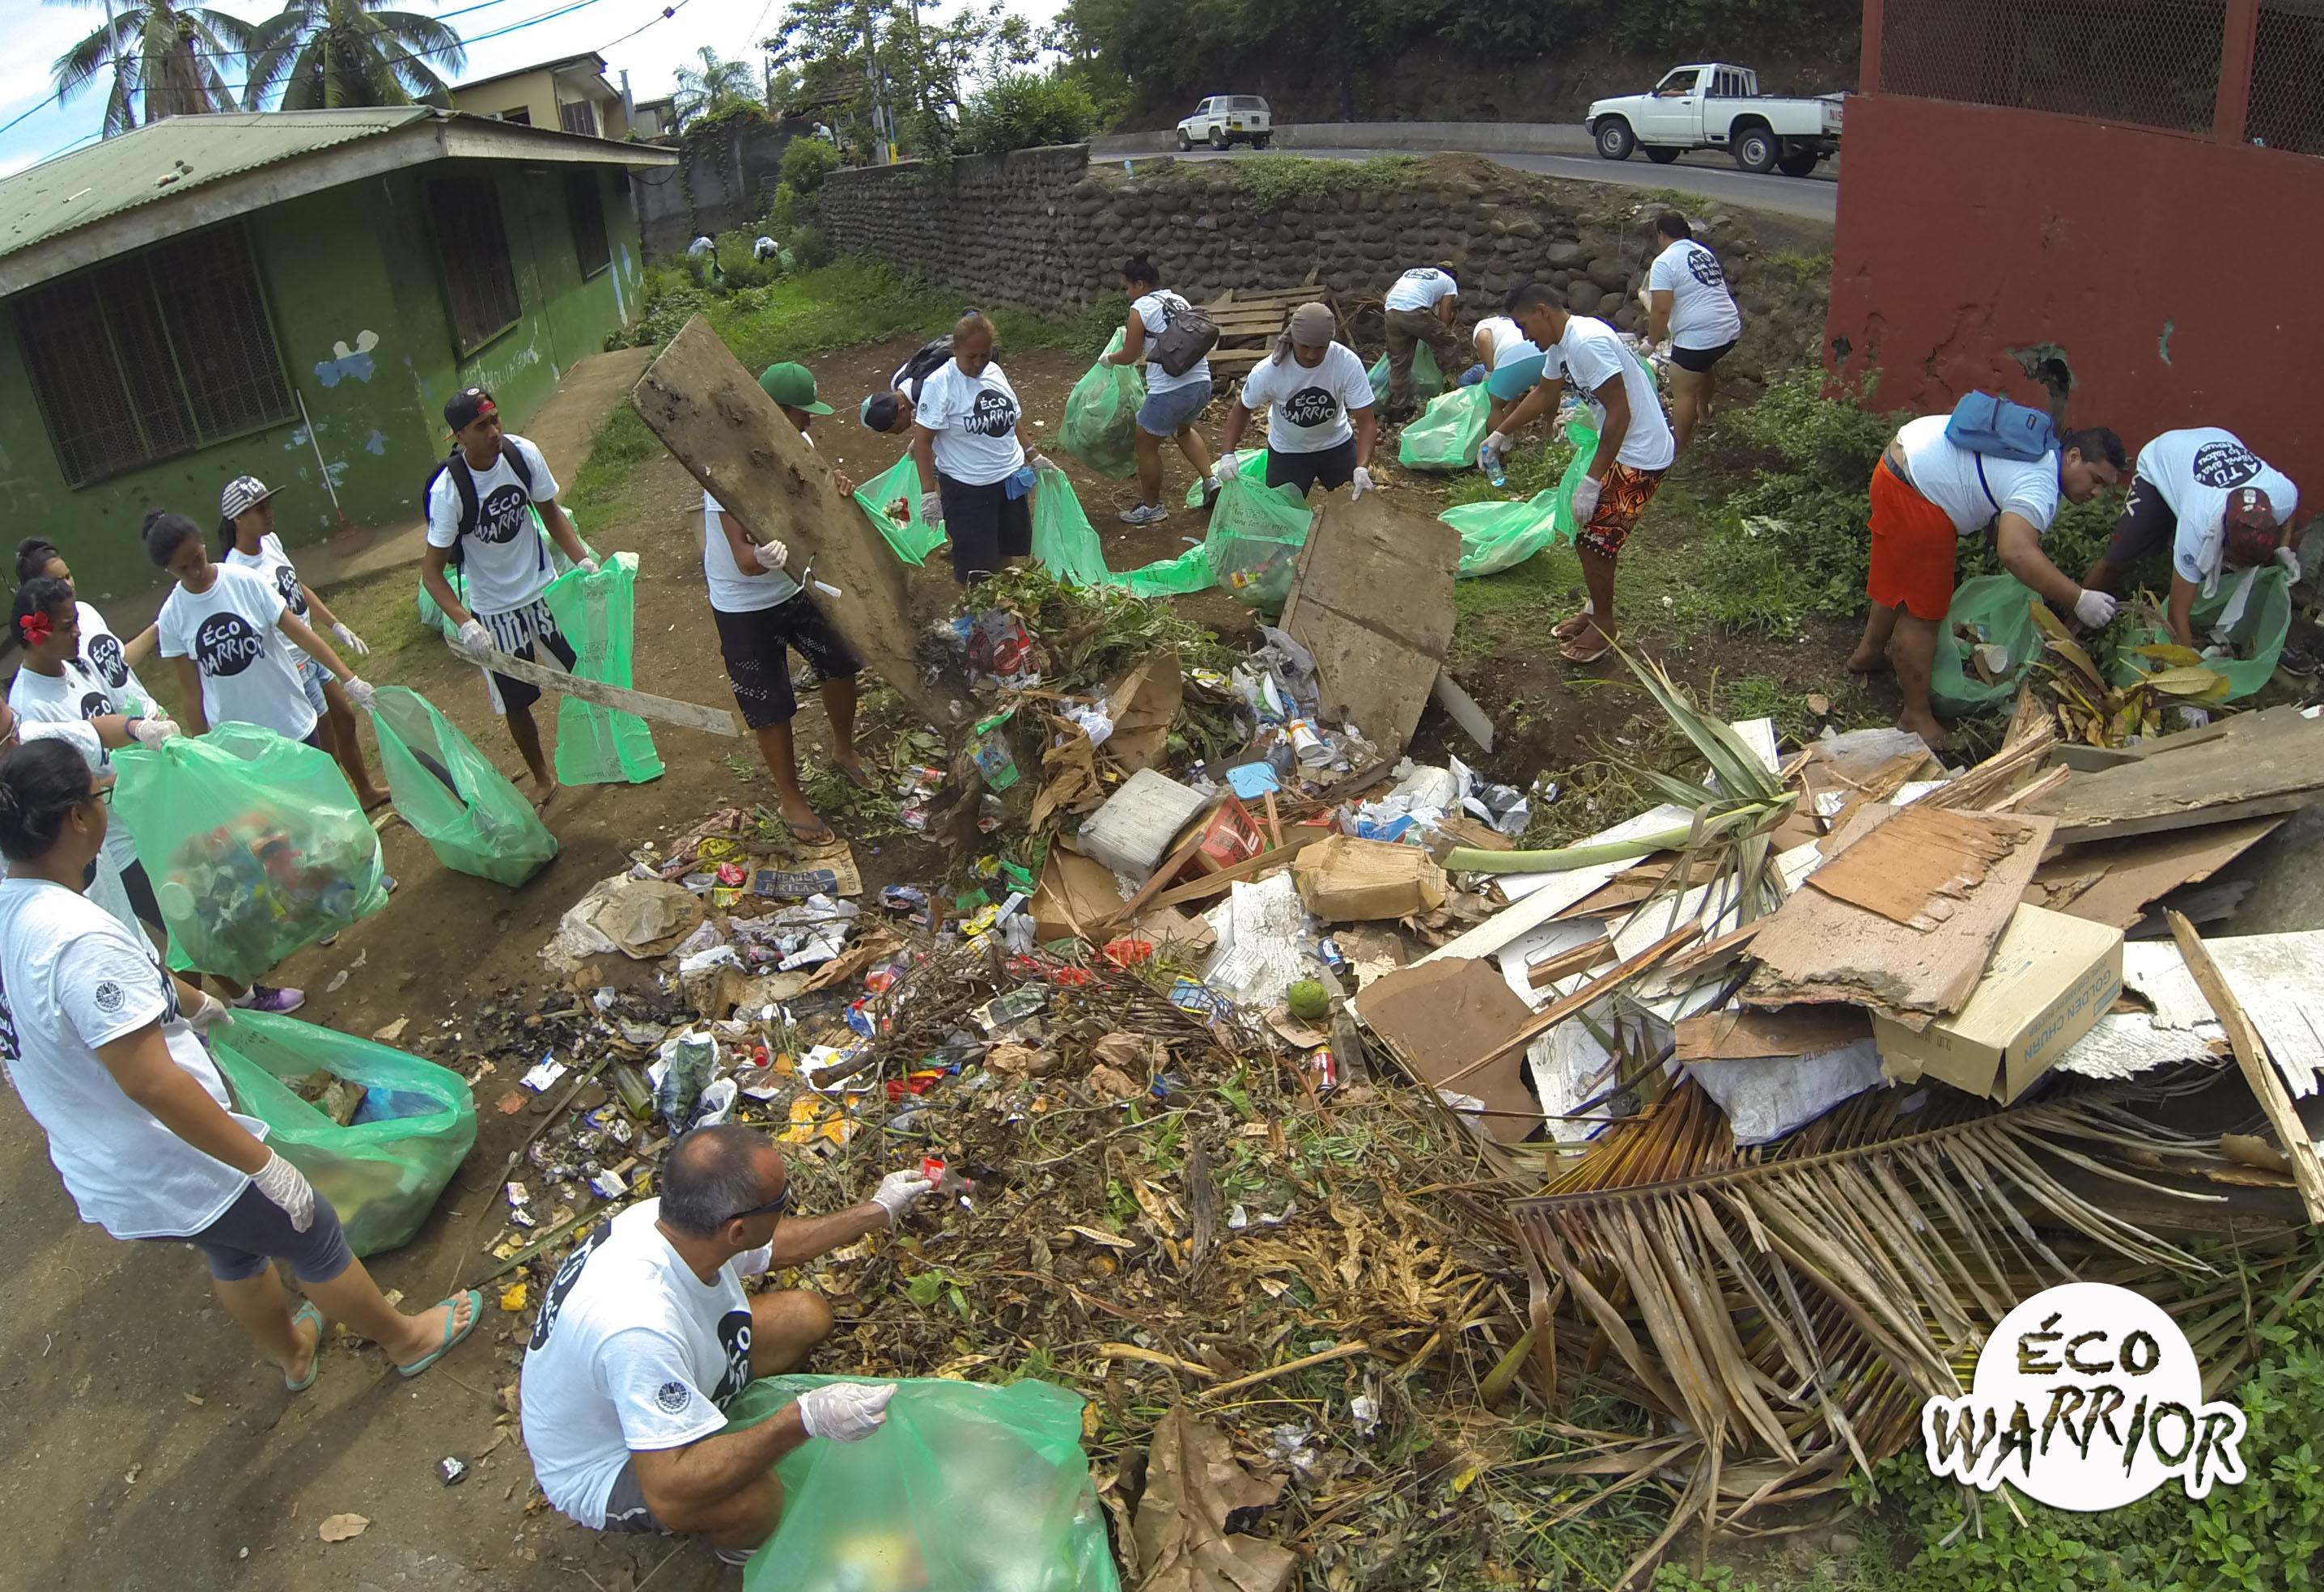 La quatrième et dernière étape de l'opération s'est déroulée hier matin, à Faa'a, portant à 15 tonnes le chiffre total de déchets collectés.